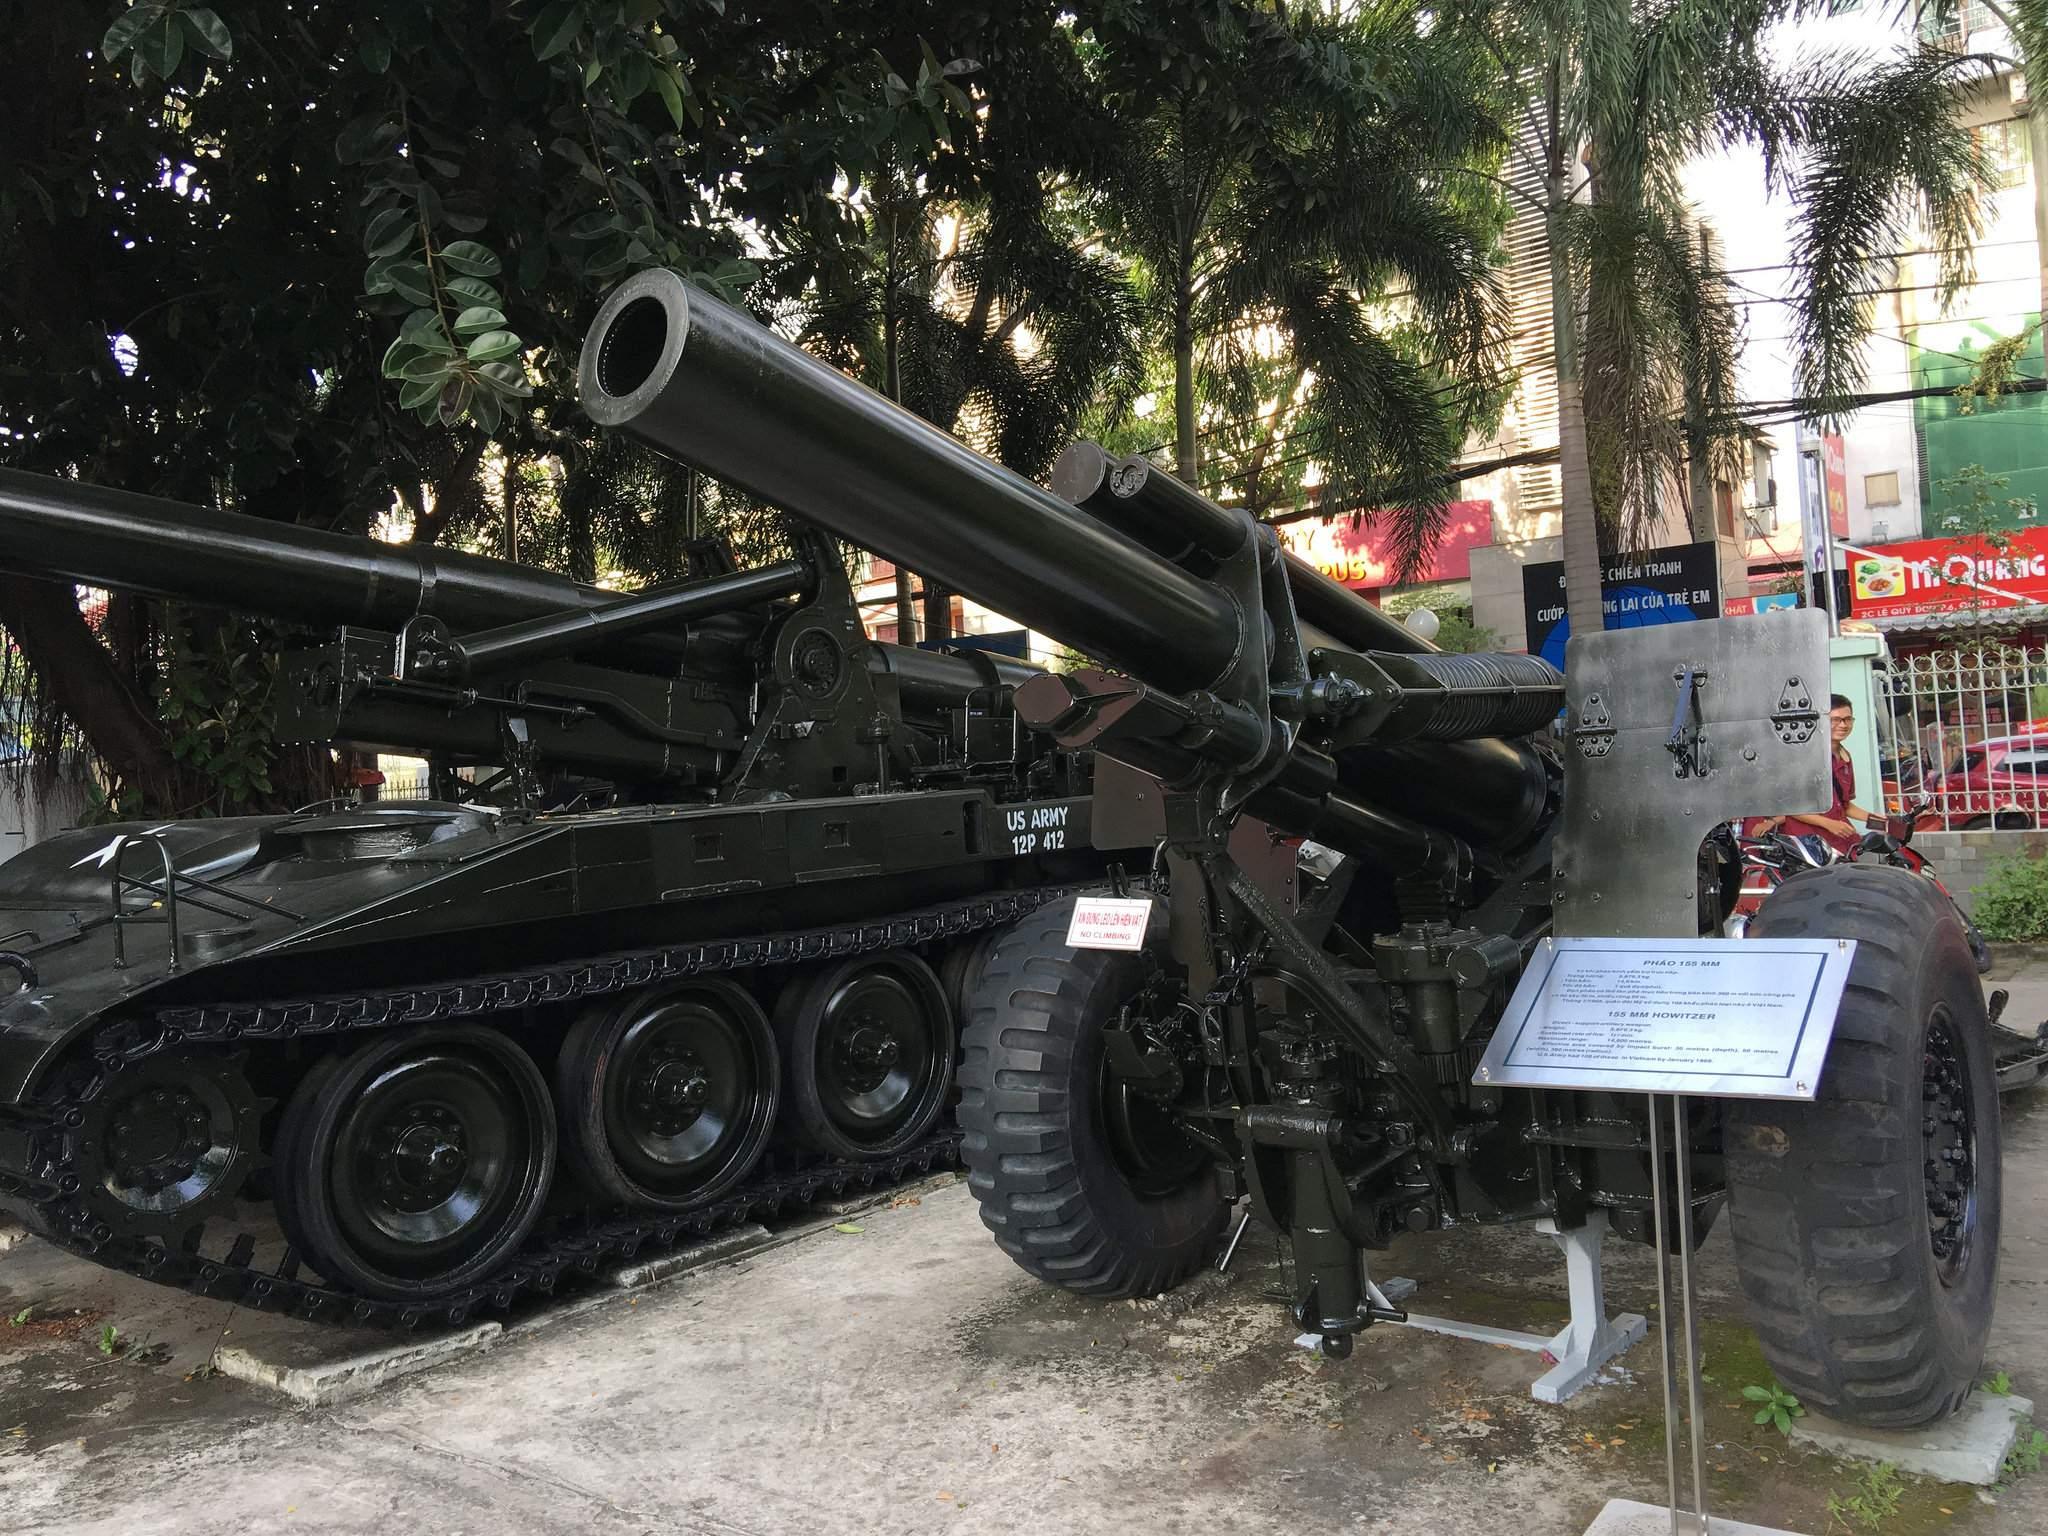 war remnants museum5 War Remnants Museum in Ho Chi Minh City, Vietnam